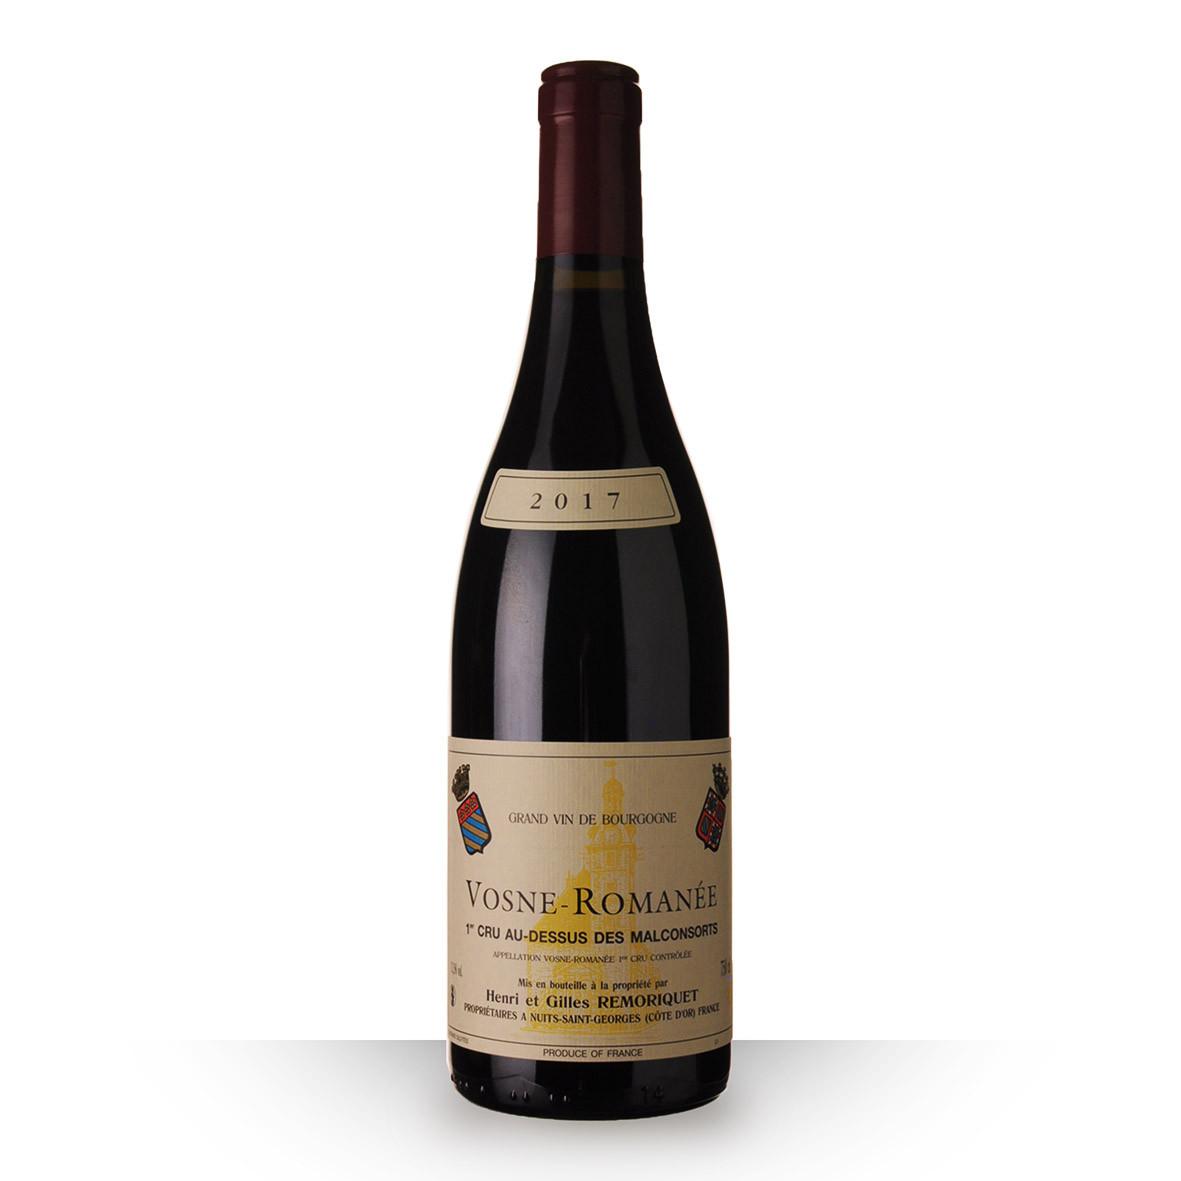 Domaine Remoriquet Vosne-Romanée 1er Cru Au Dessus des Malconsorts Rouge 2017 75cl www.odyssee-vins.com